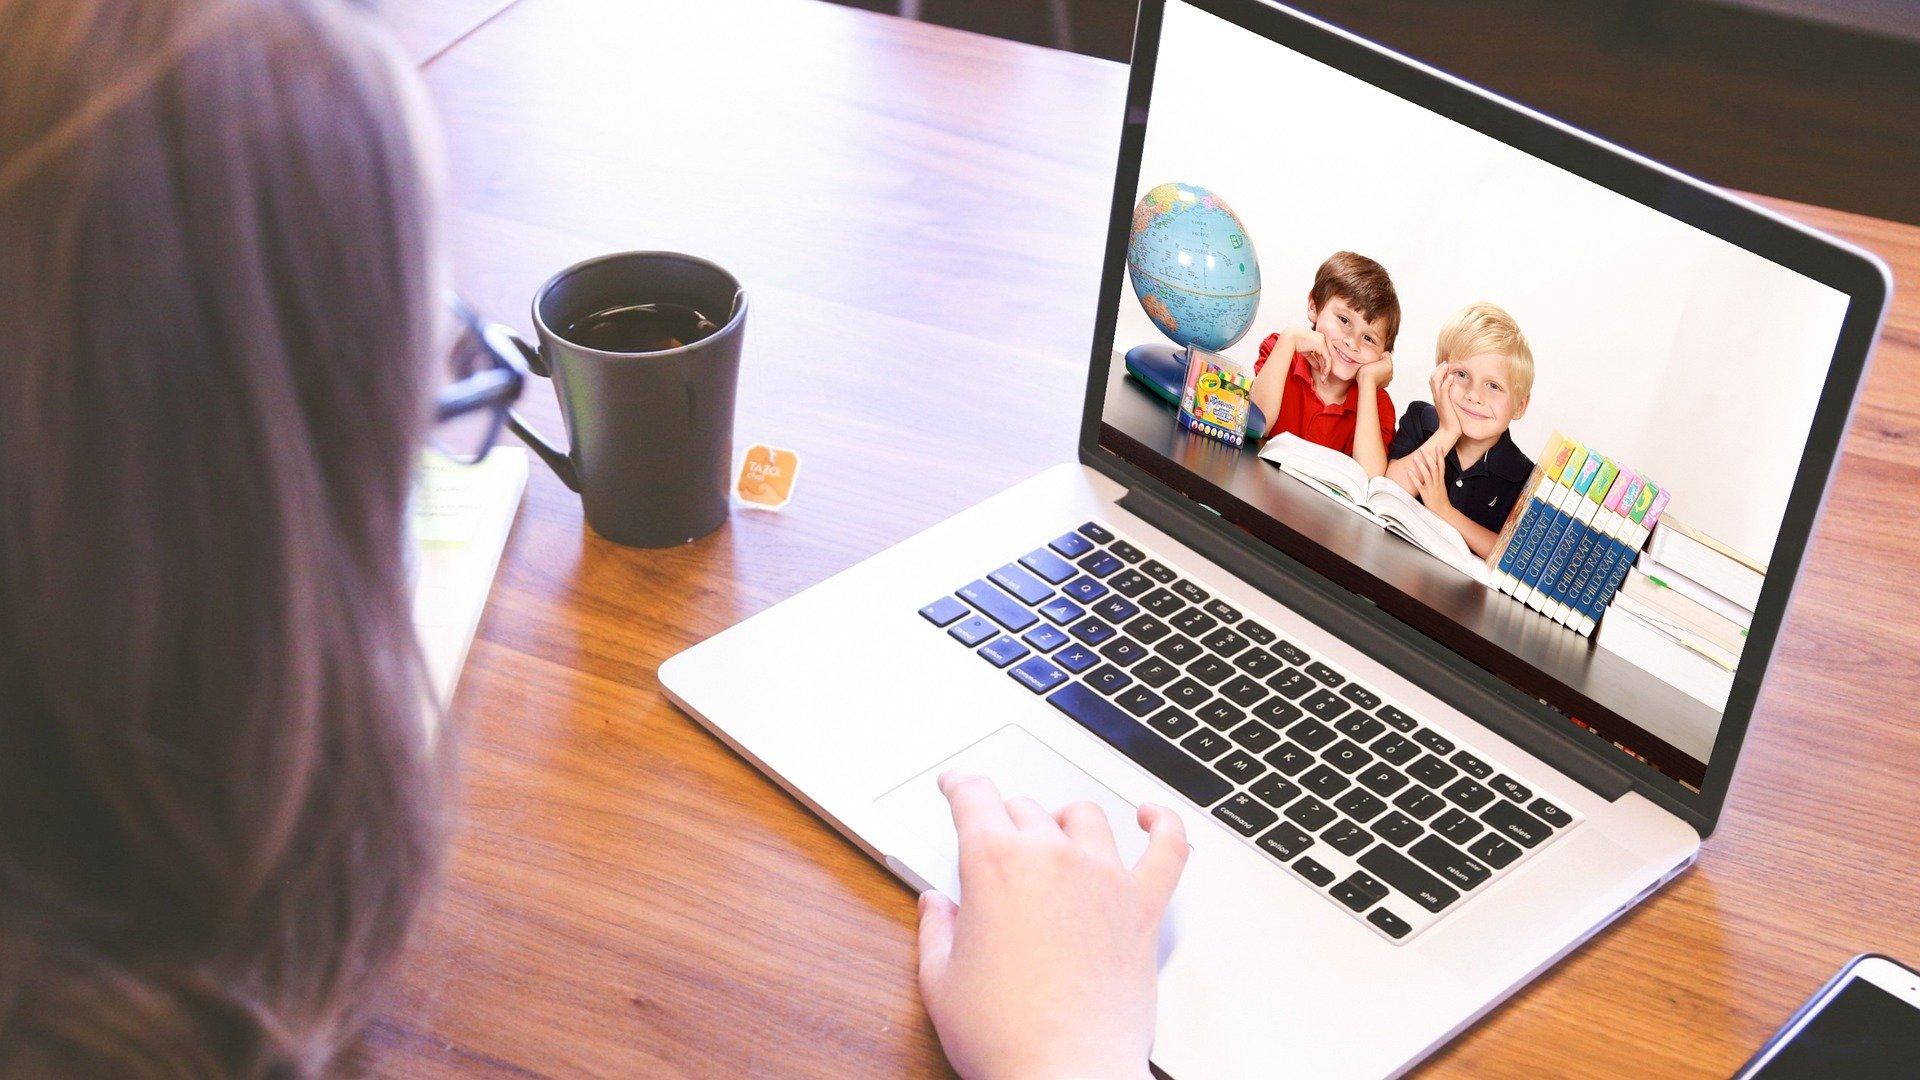 Unbekannter schenkt Kindern Laptops